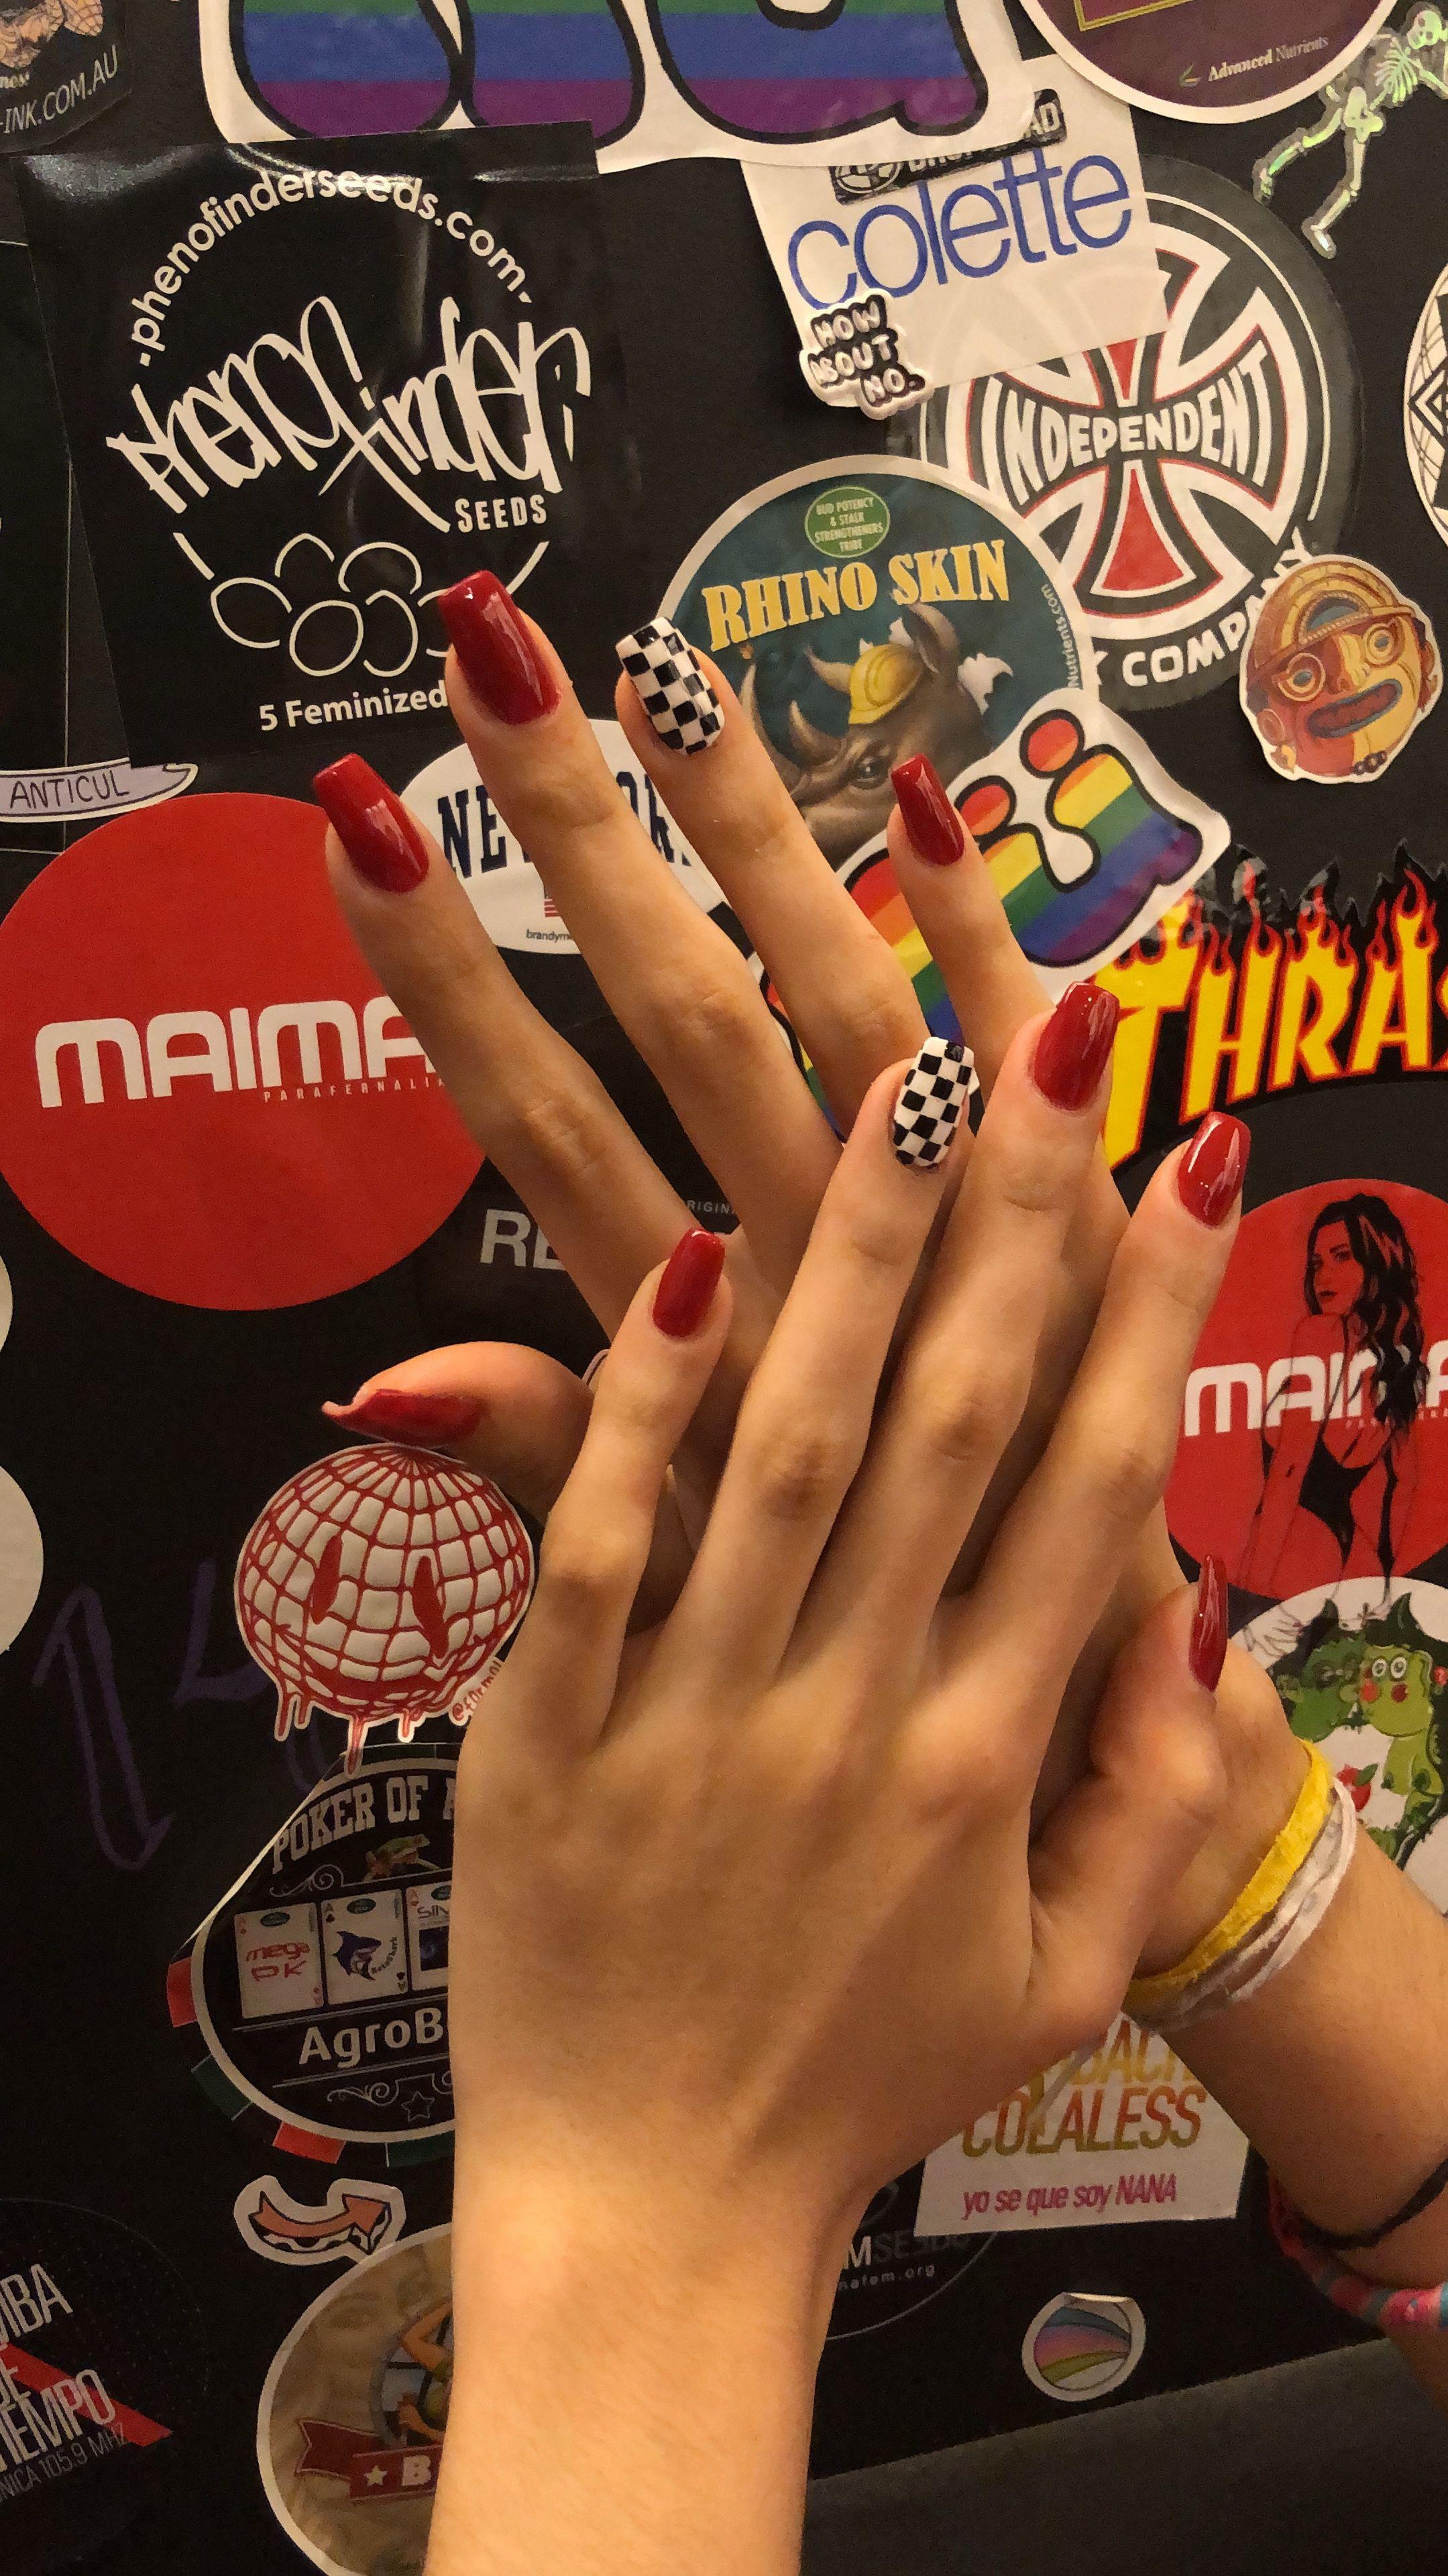 Nails #nail #nails #polish #nailart #race #checkered #hands #girl ...